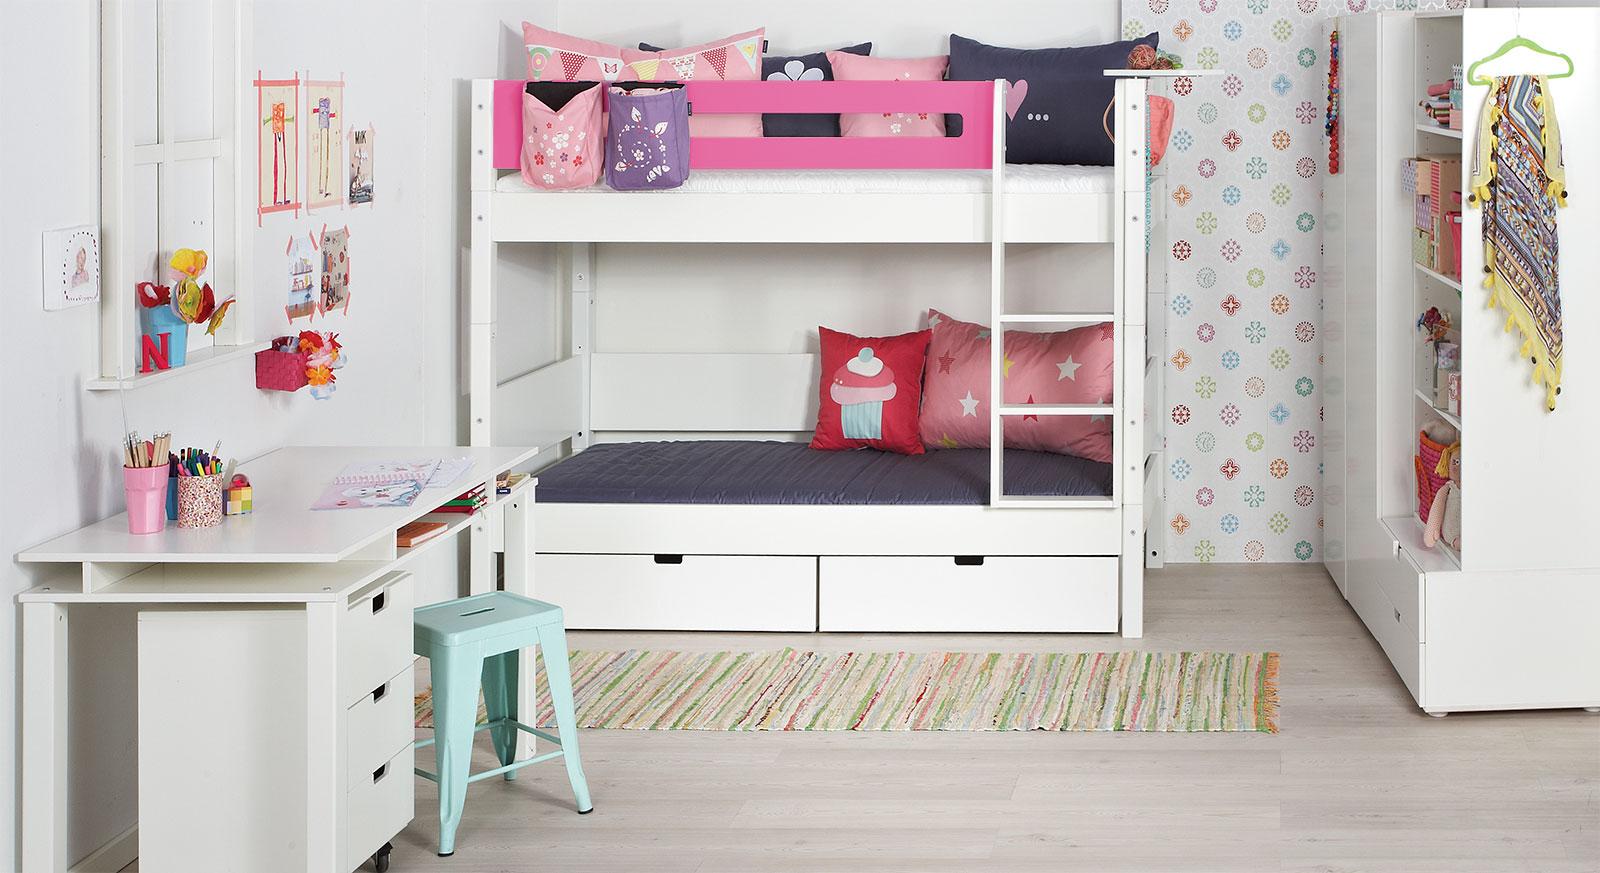 Gallery Of Etagenbett Kids Town Mit Passenden Produkten With Betten Kinder